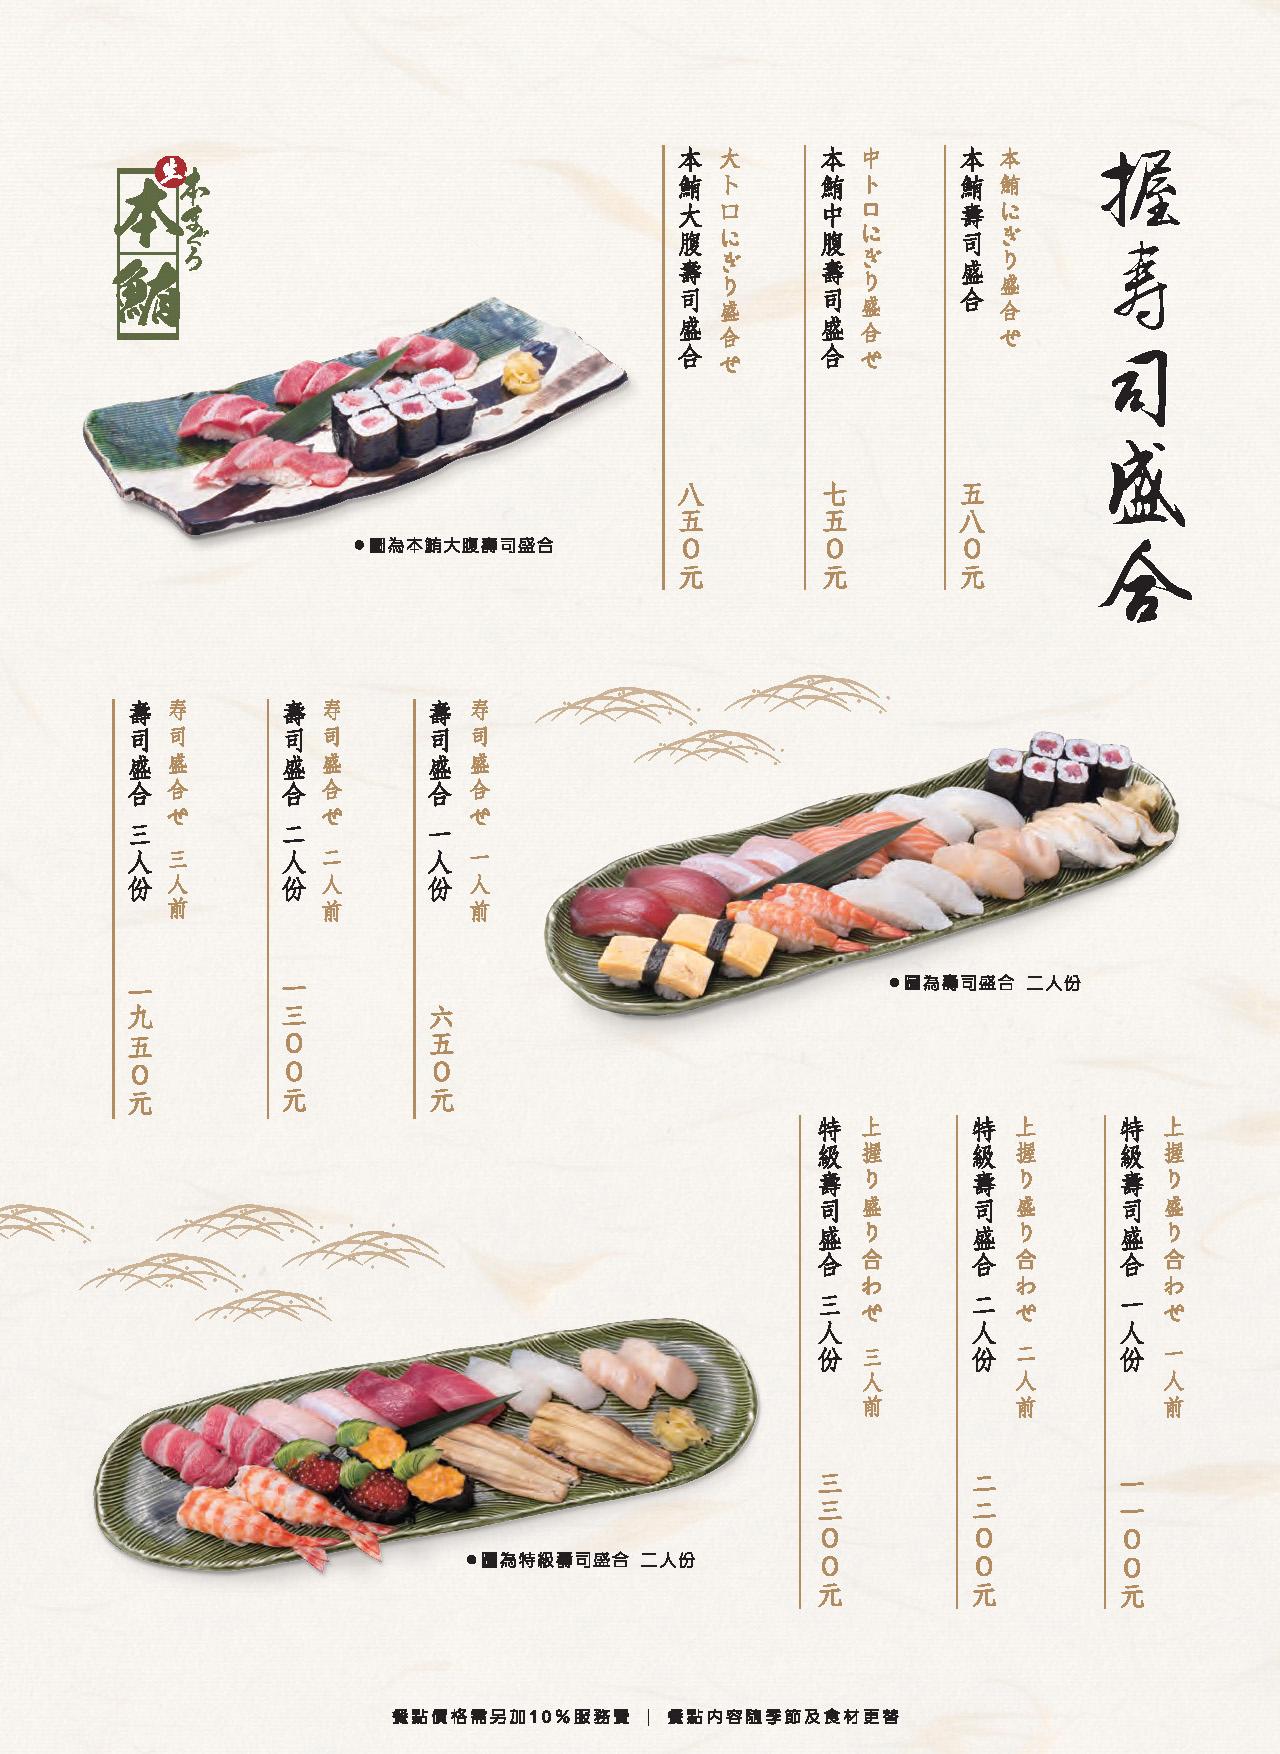 莞固和食 GANKO 台北大直店菜單 - 握壽司盛合